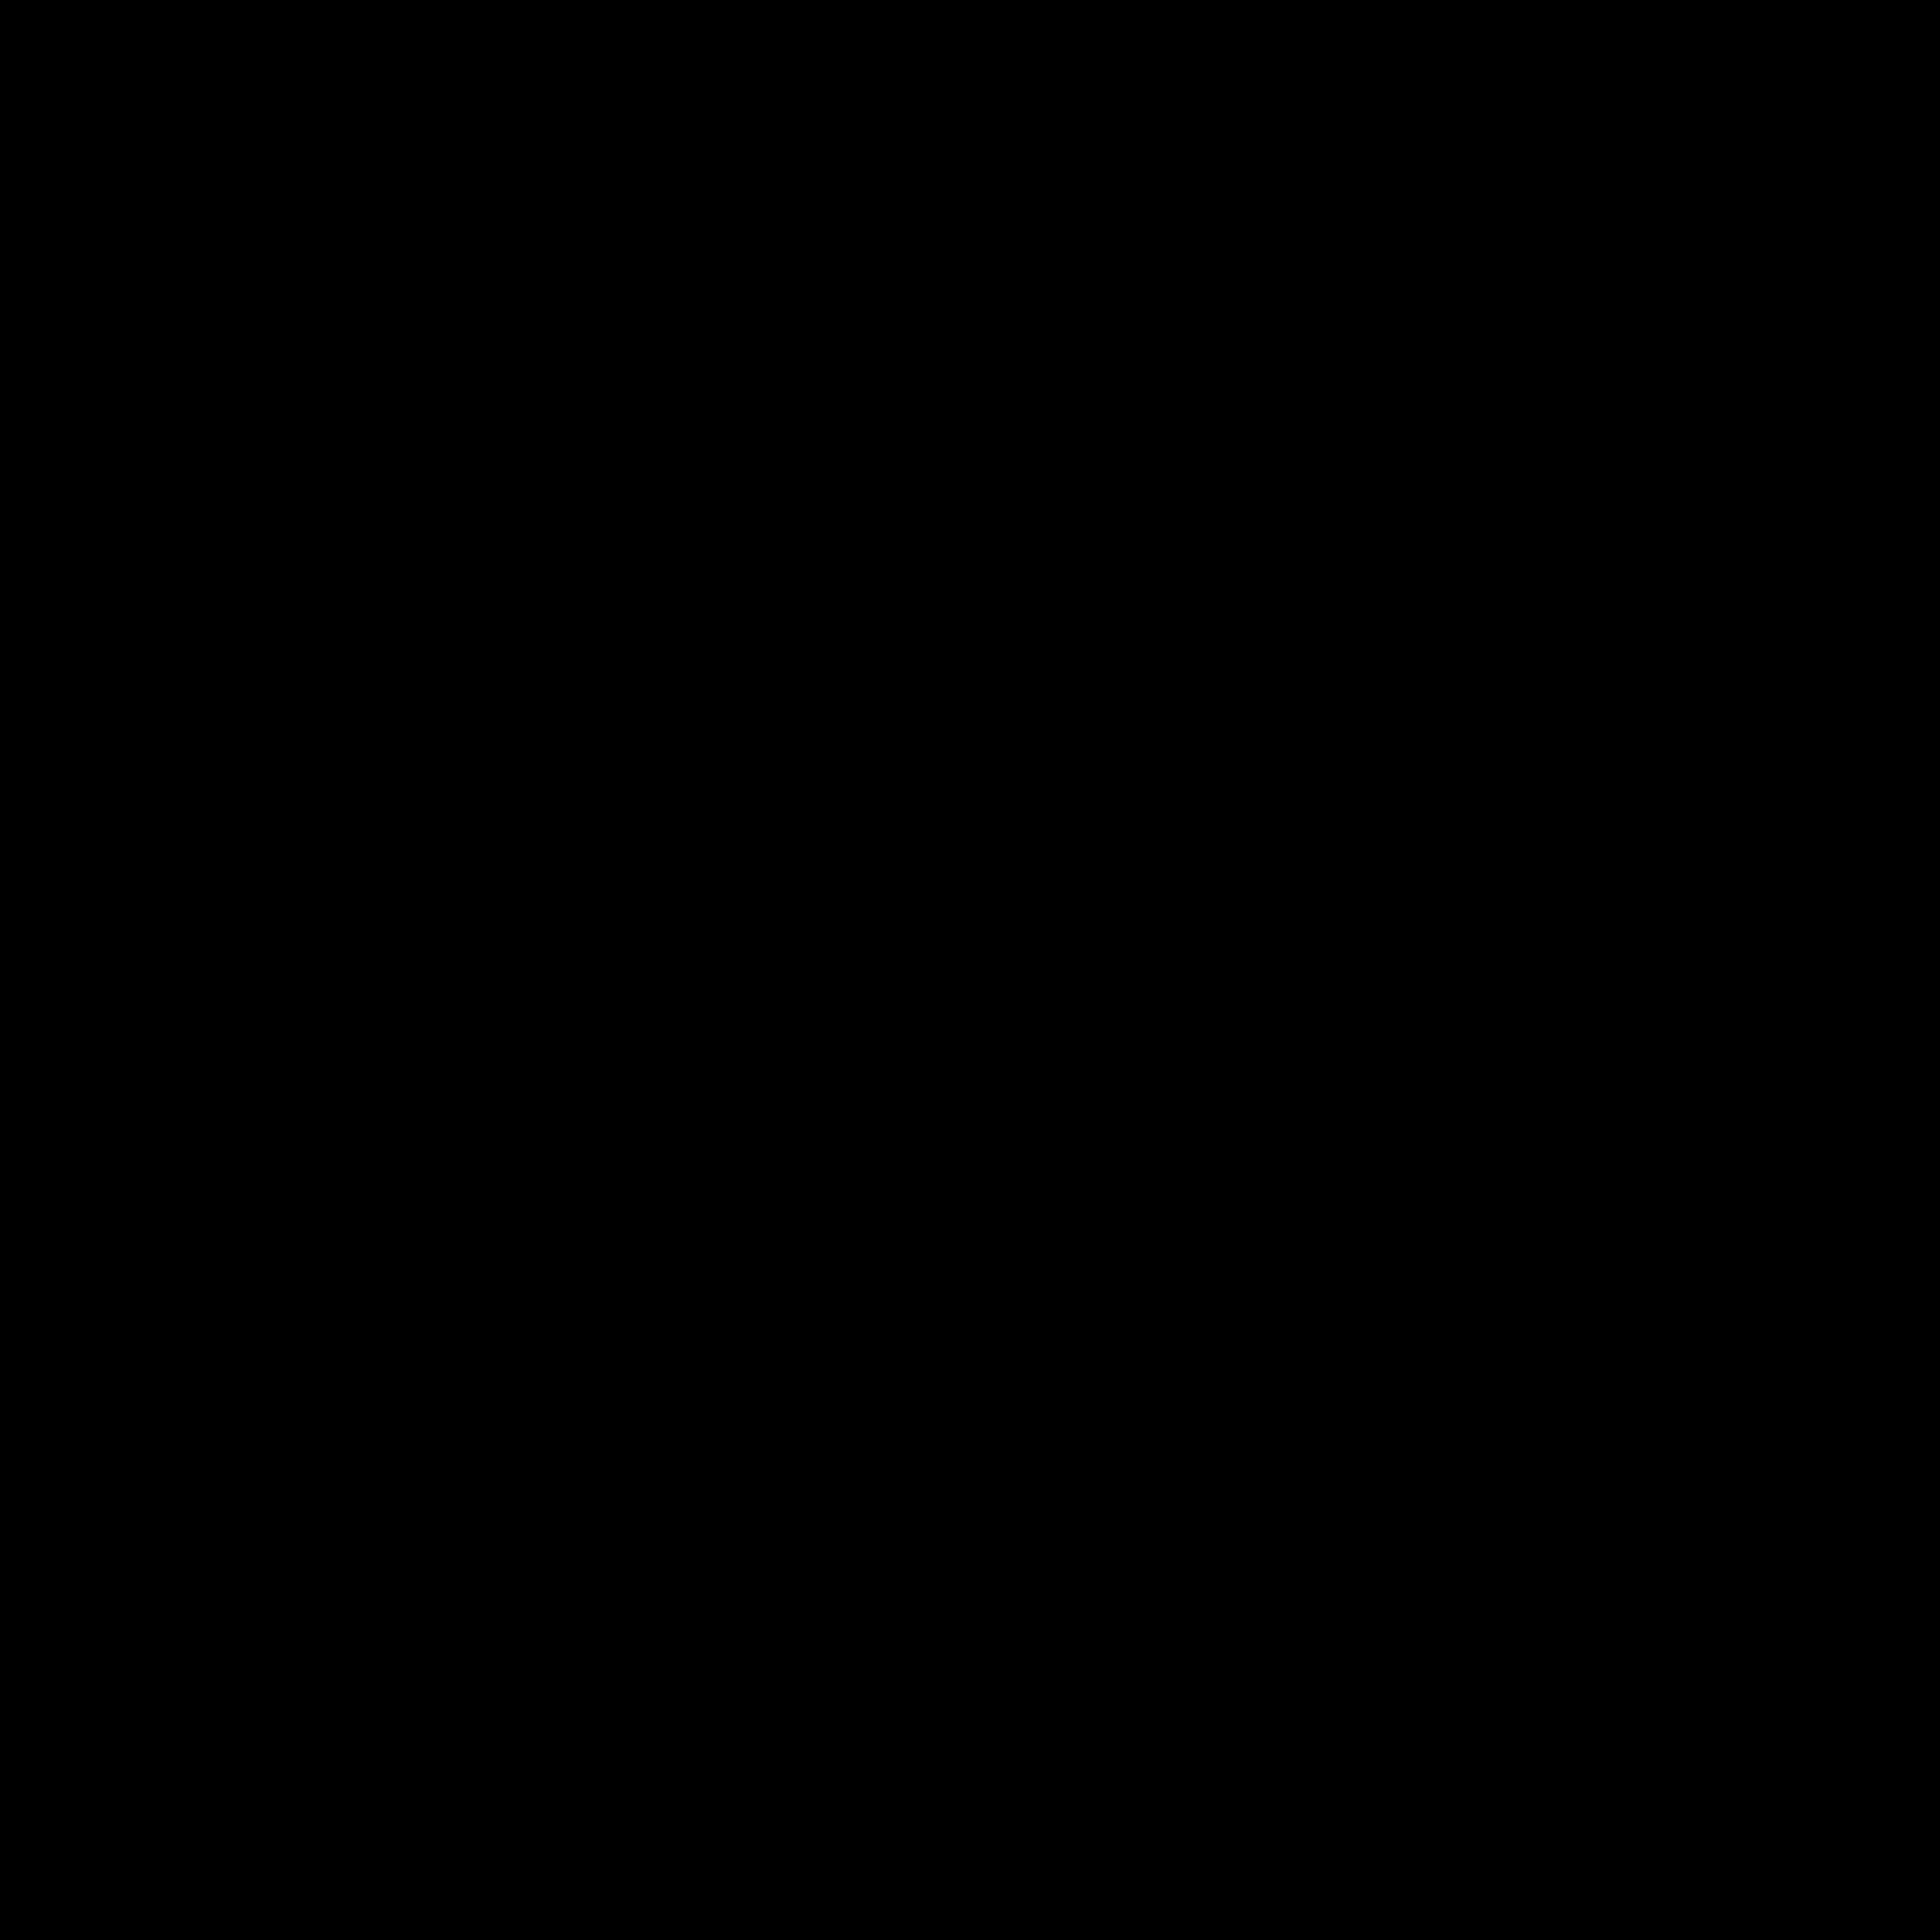 Naklejka na ścianę astronauta 2